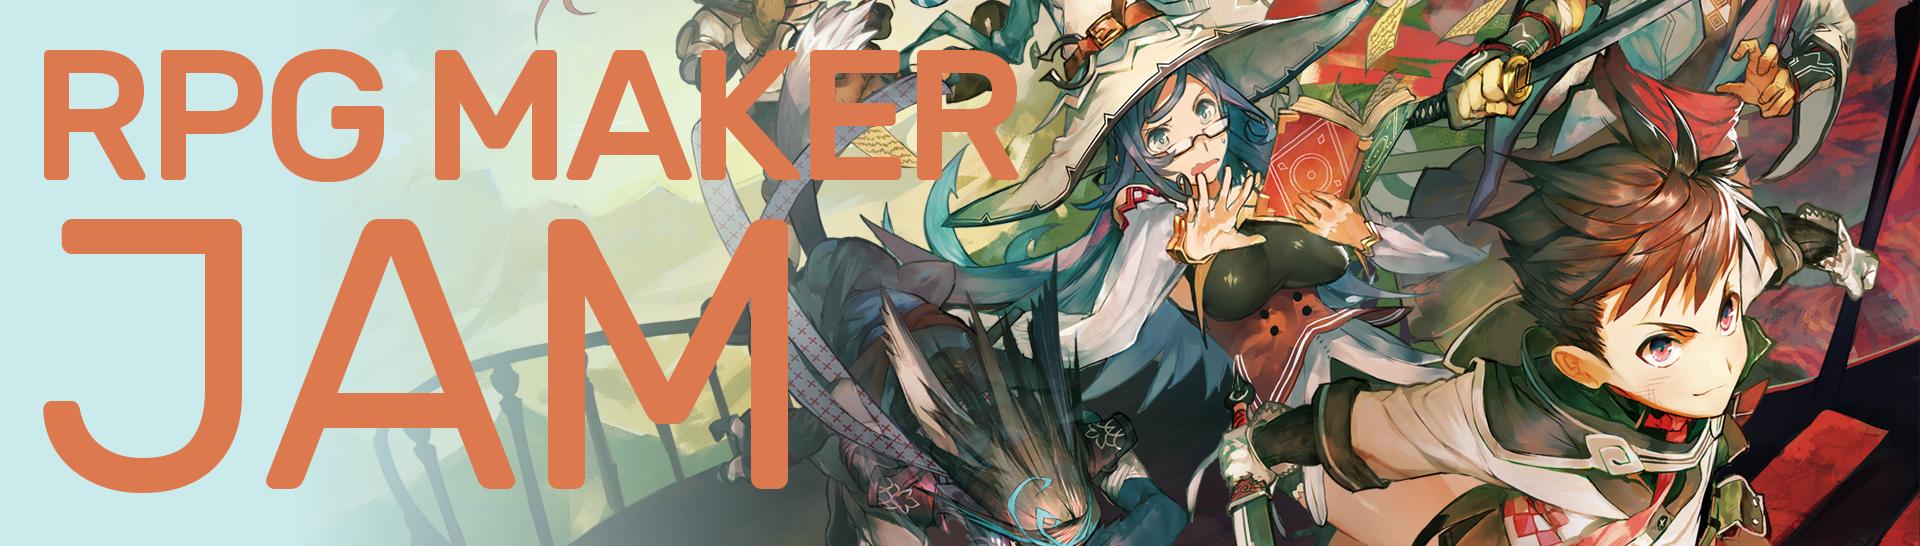 RPG Maker Jam %2FtPAHJ